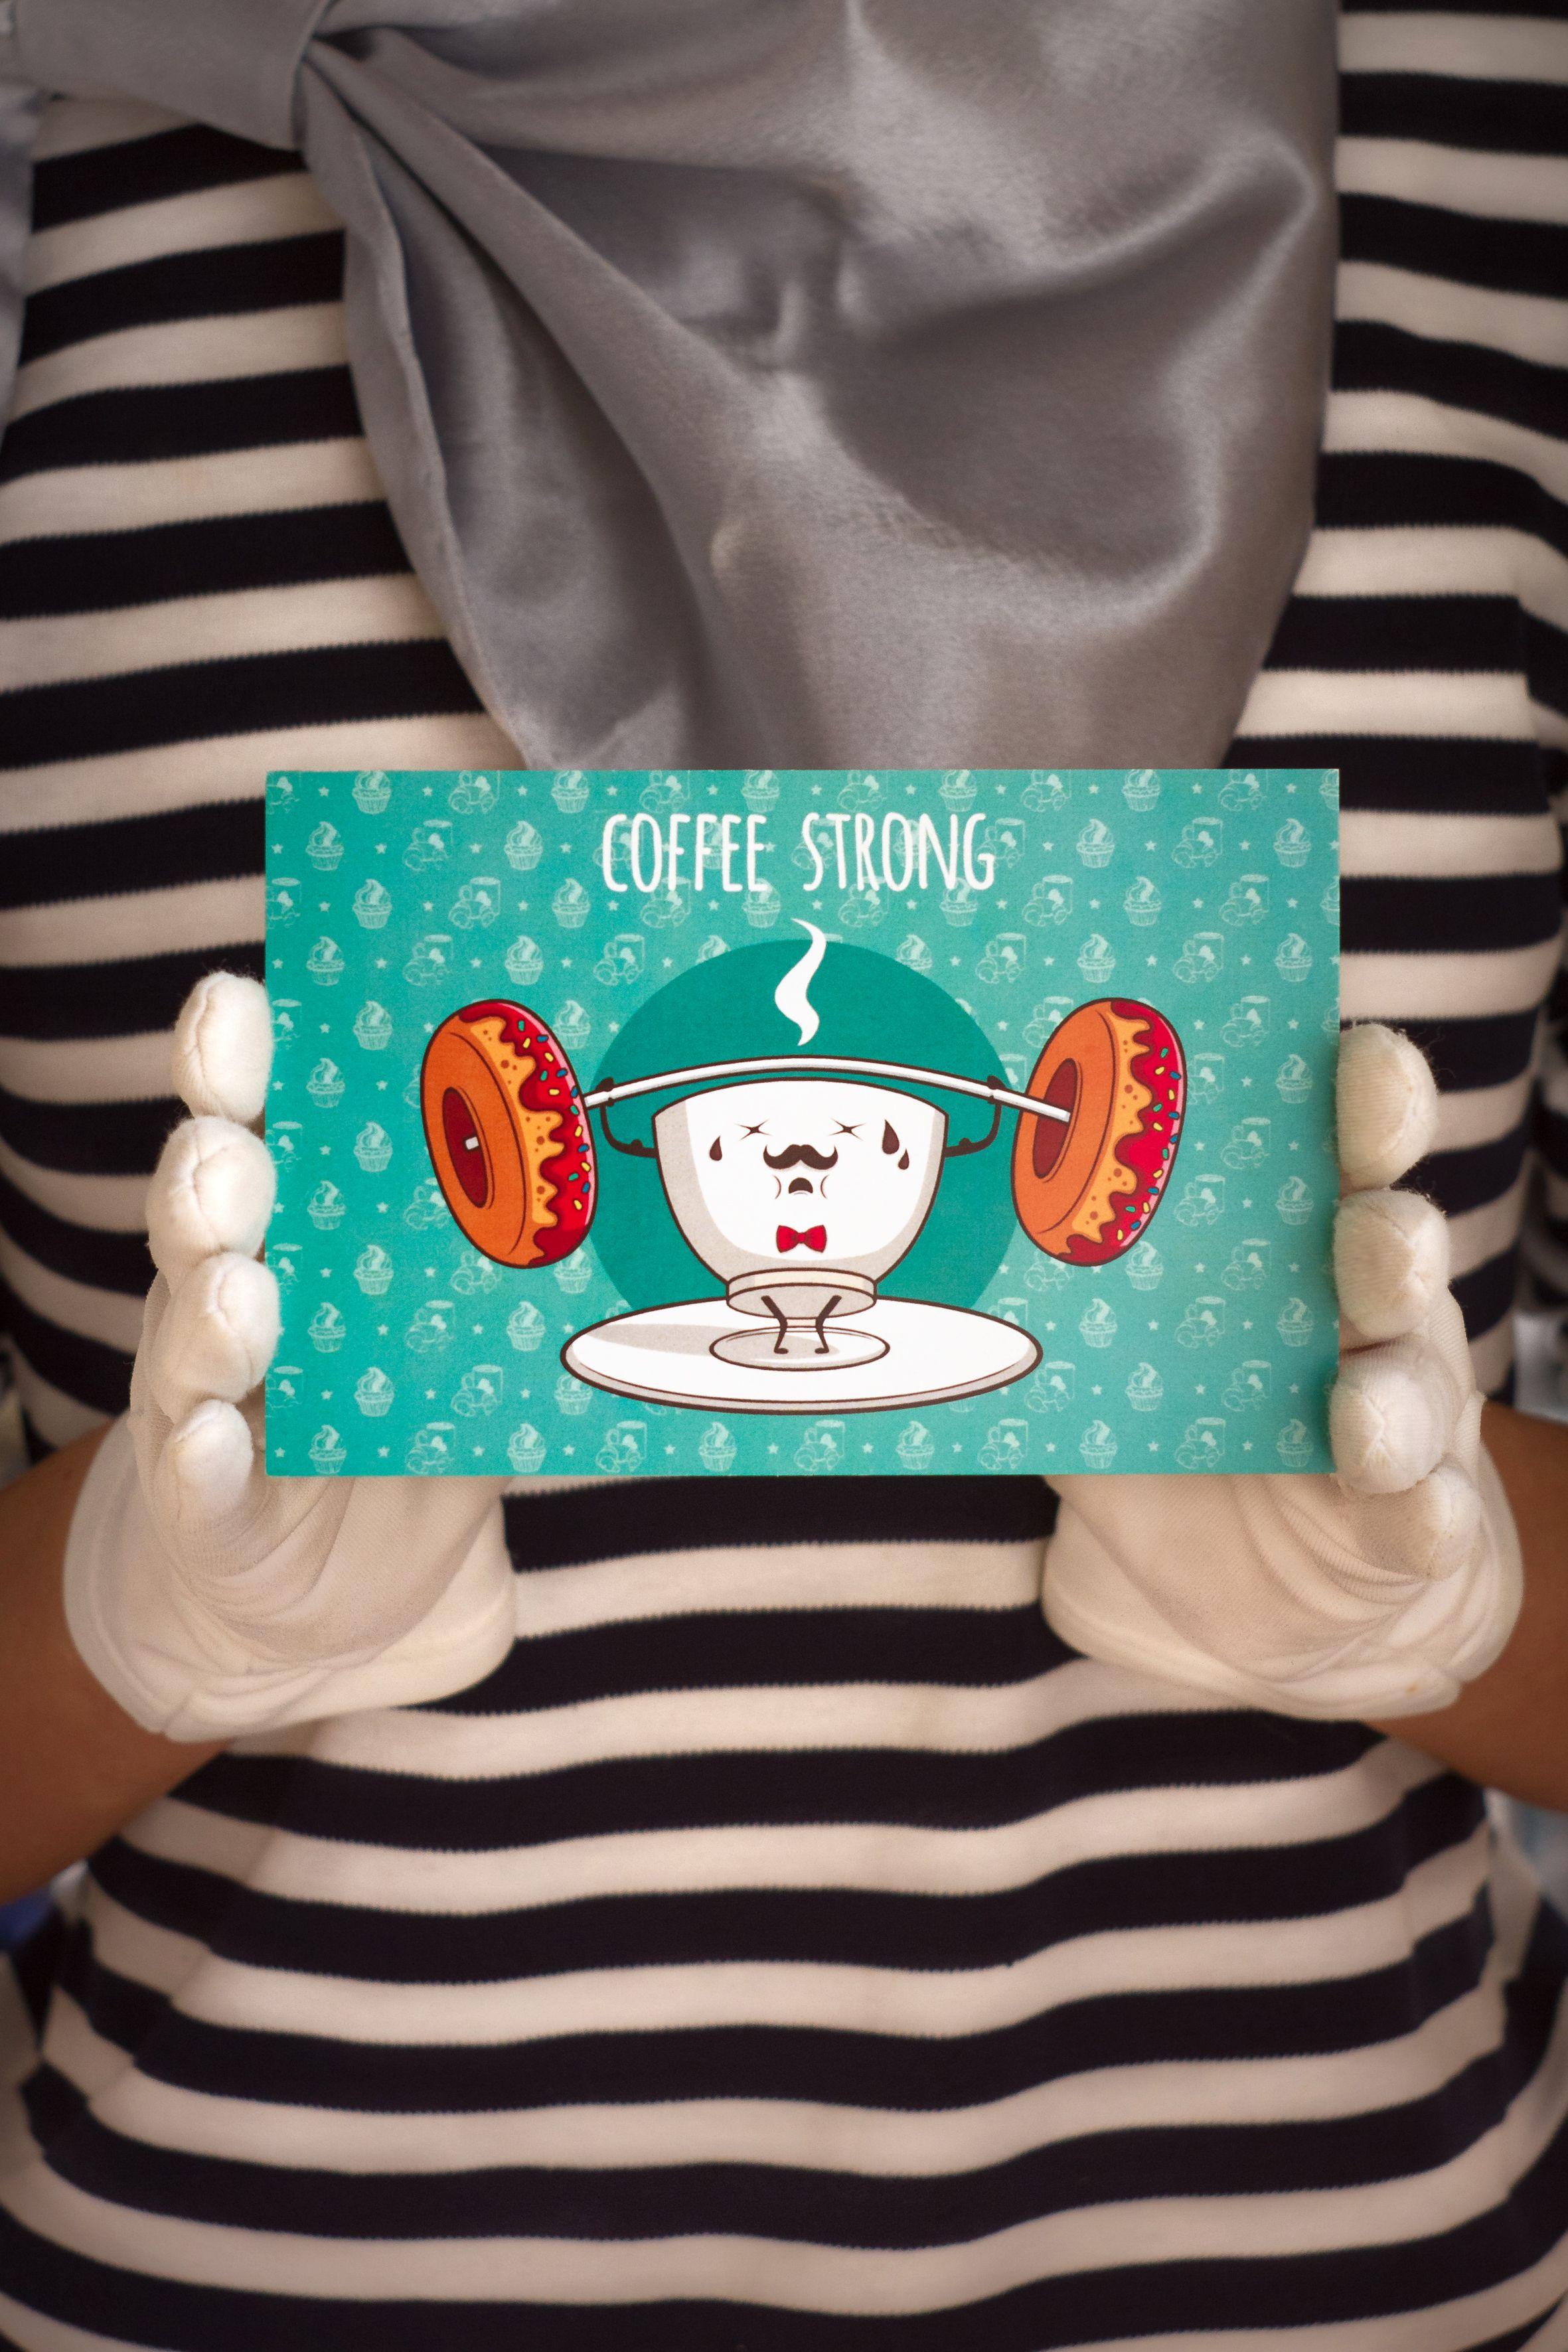 подарок кофе coffestrong крепкийкофе знаквнимания сюрприз открытка